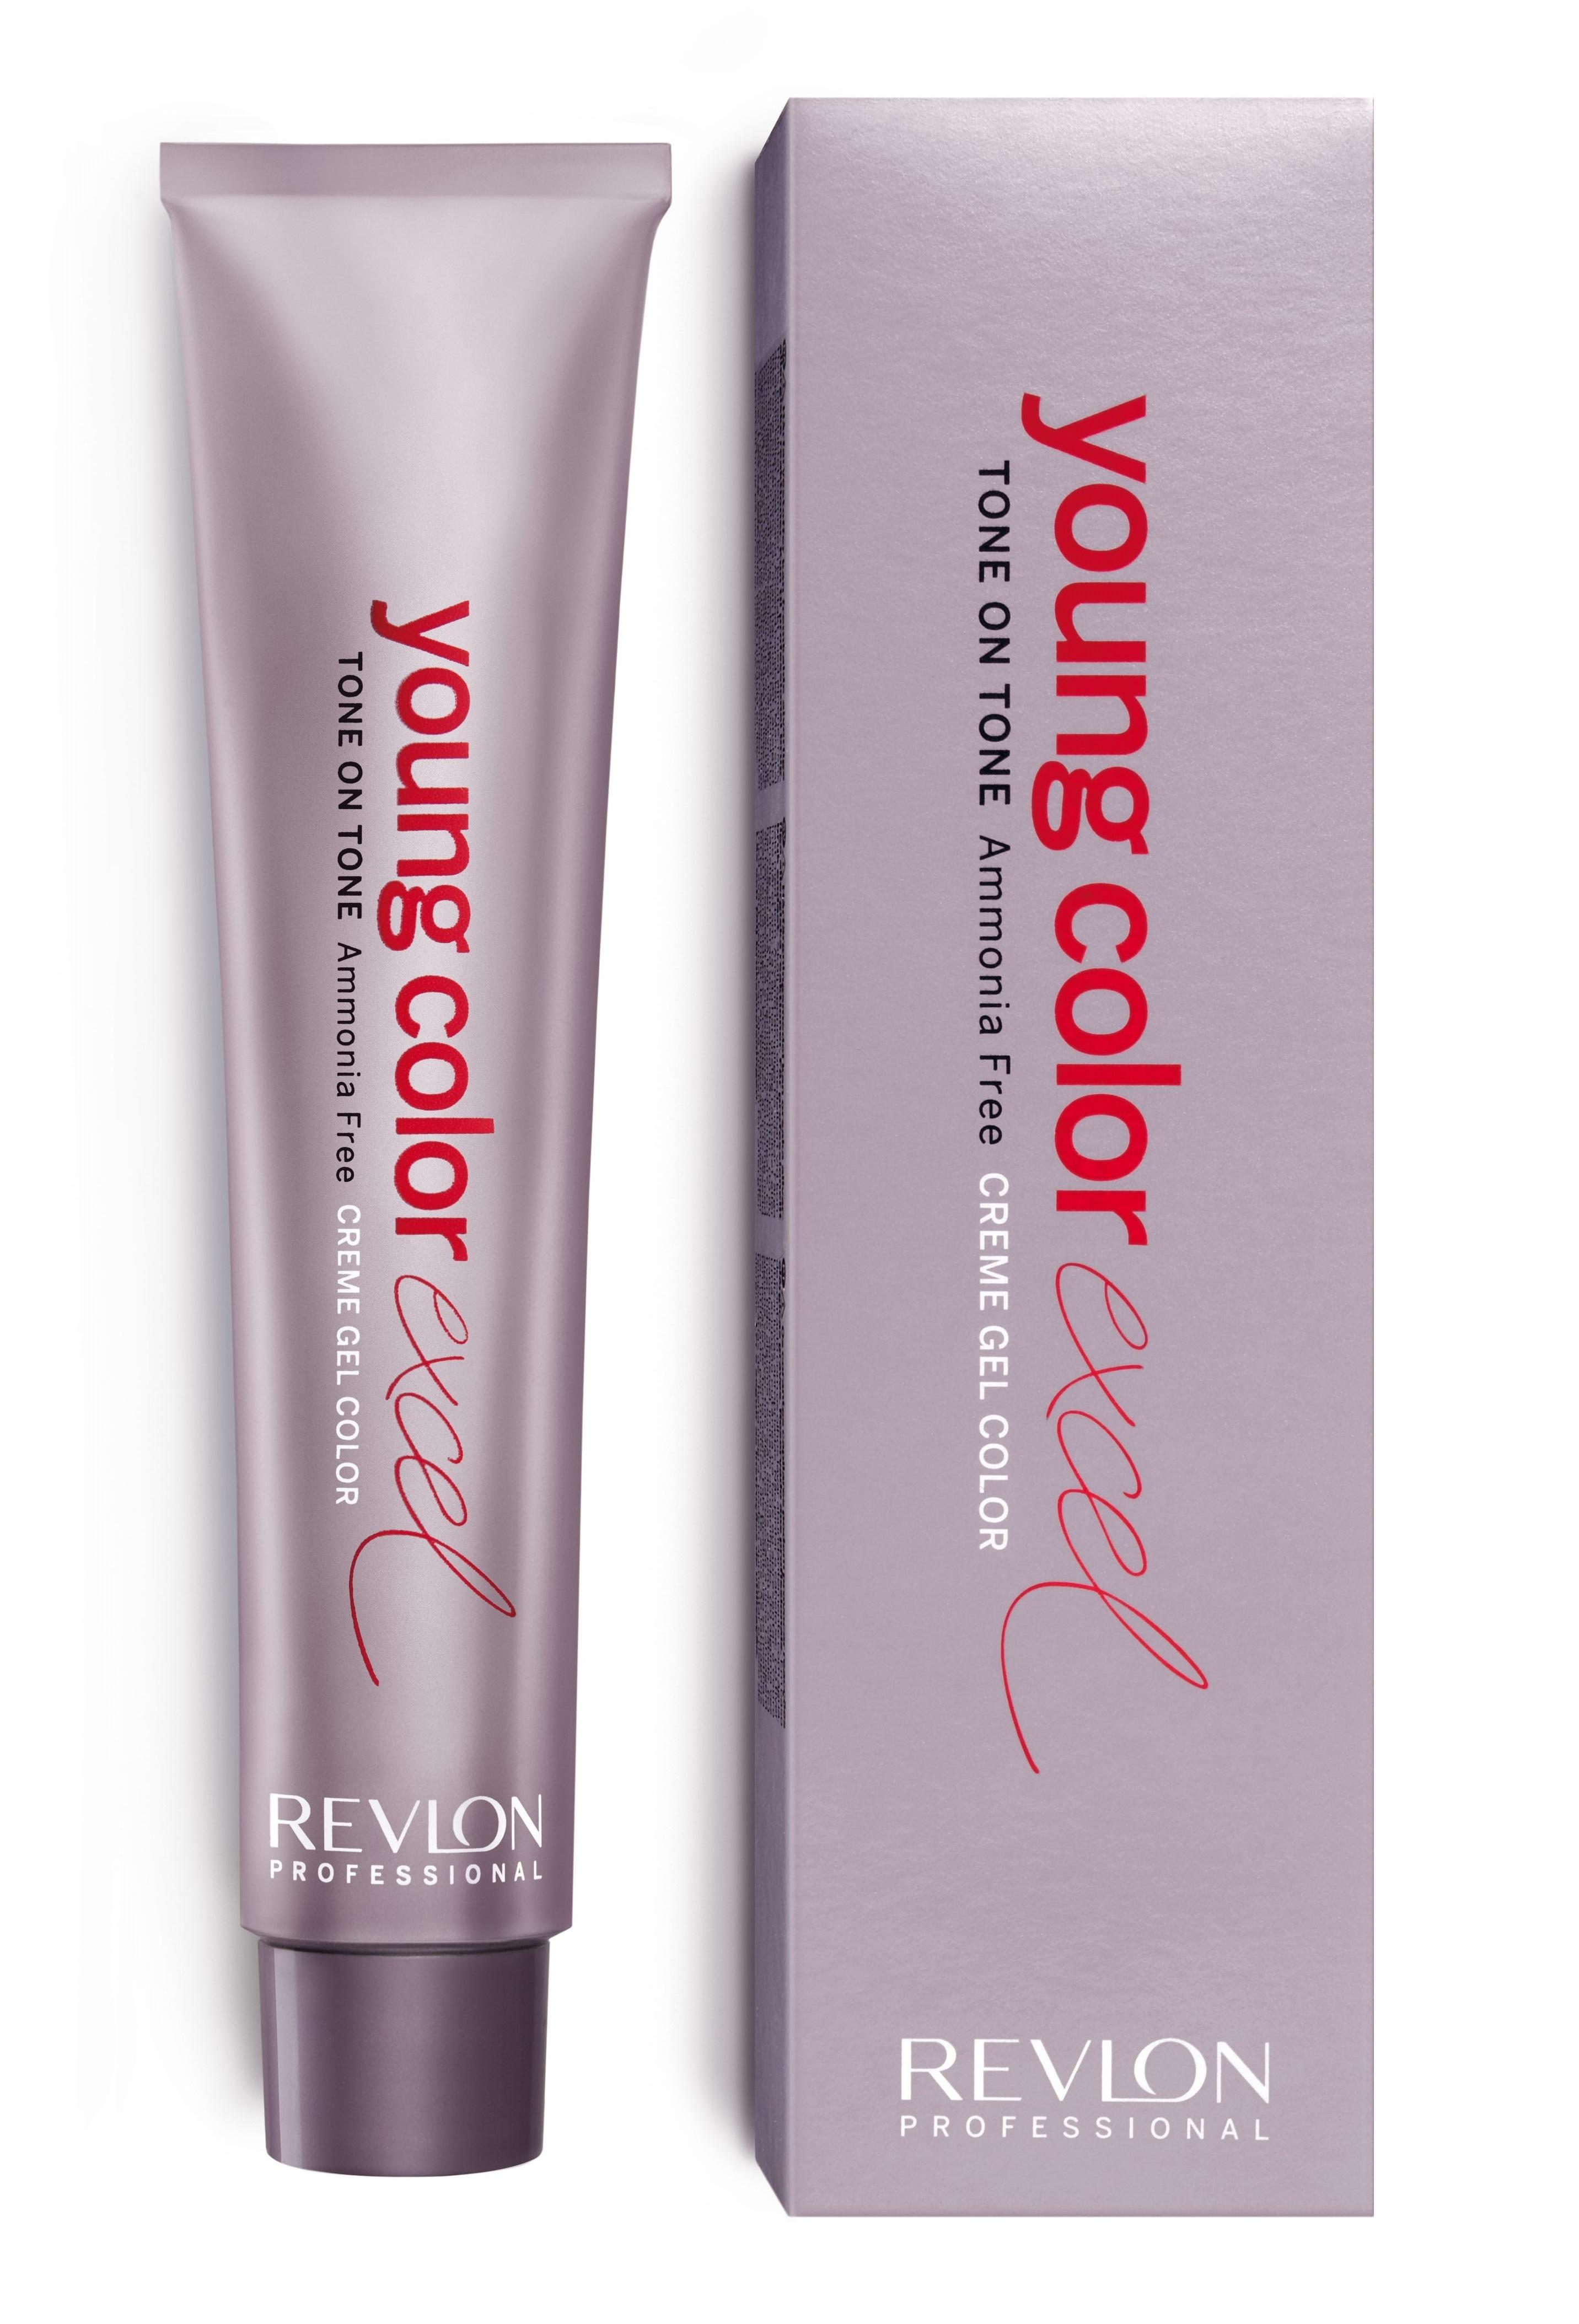 Revlon professional 9-12 крем-гель